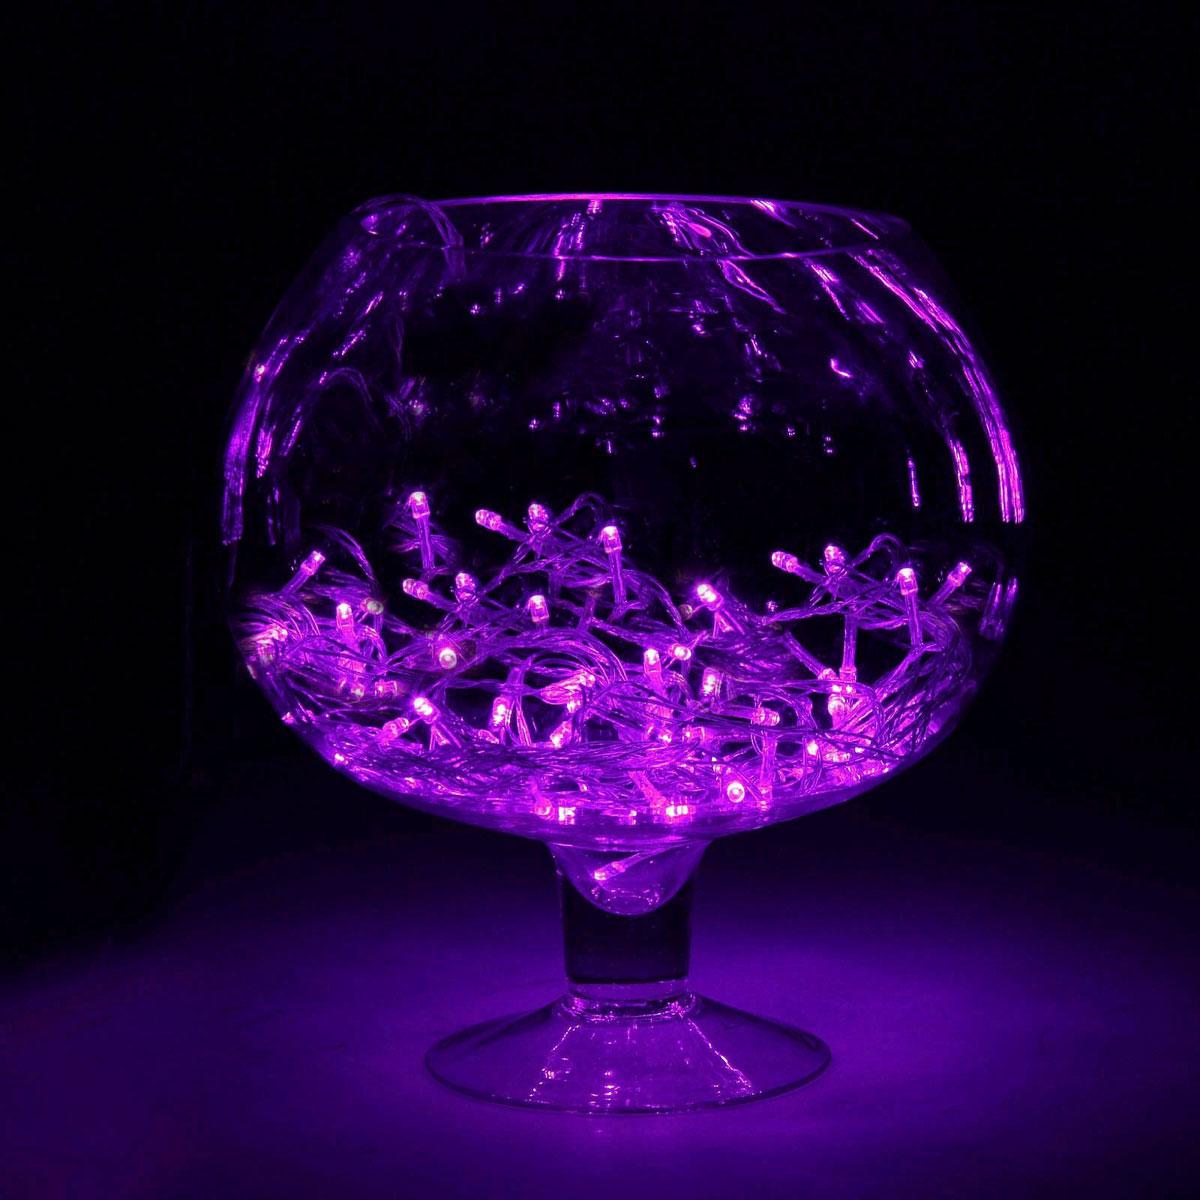 Гирлянда светодиодная Luazon Метраж, цвет: фиолетовый, 150 ламп, 8 режимов, 220 V, длина 13 м. 187165187165Светодиодные гирлянды и ленты — это отличный вариант для новогоднего оформления интерьера или фасада. С их помощью помещение любого размера можно превратить в праздничный зал, а внешние элементы зданий, украшенные ими, мгновенно станут напоминать очертания сказочного дворца. Такие украшения создают ауру предвкушения чуда. Деревья, фасады, витрины, окна и арки будто специально созданы, чтобы вы украсили их светящимися нитями.